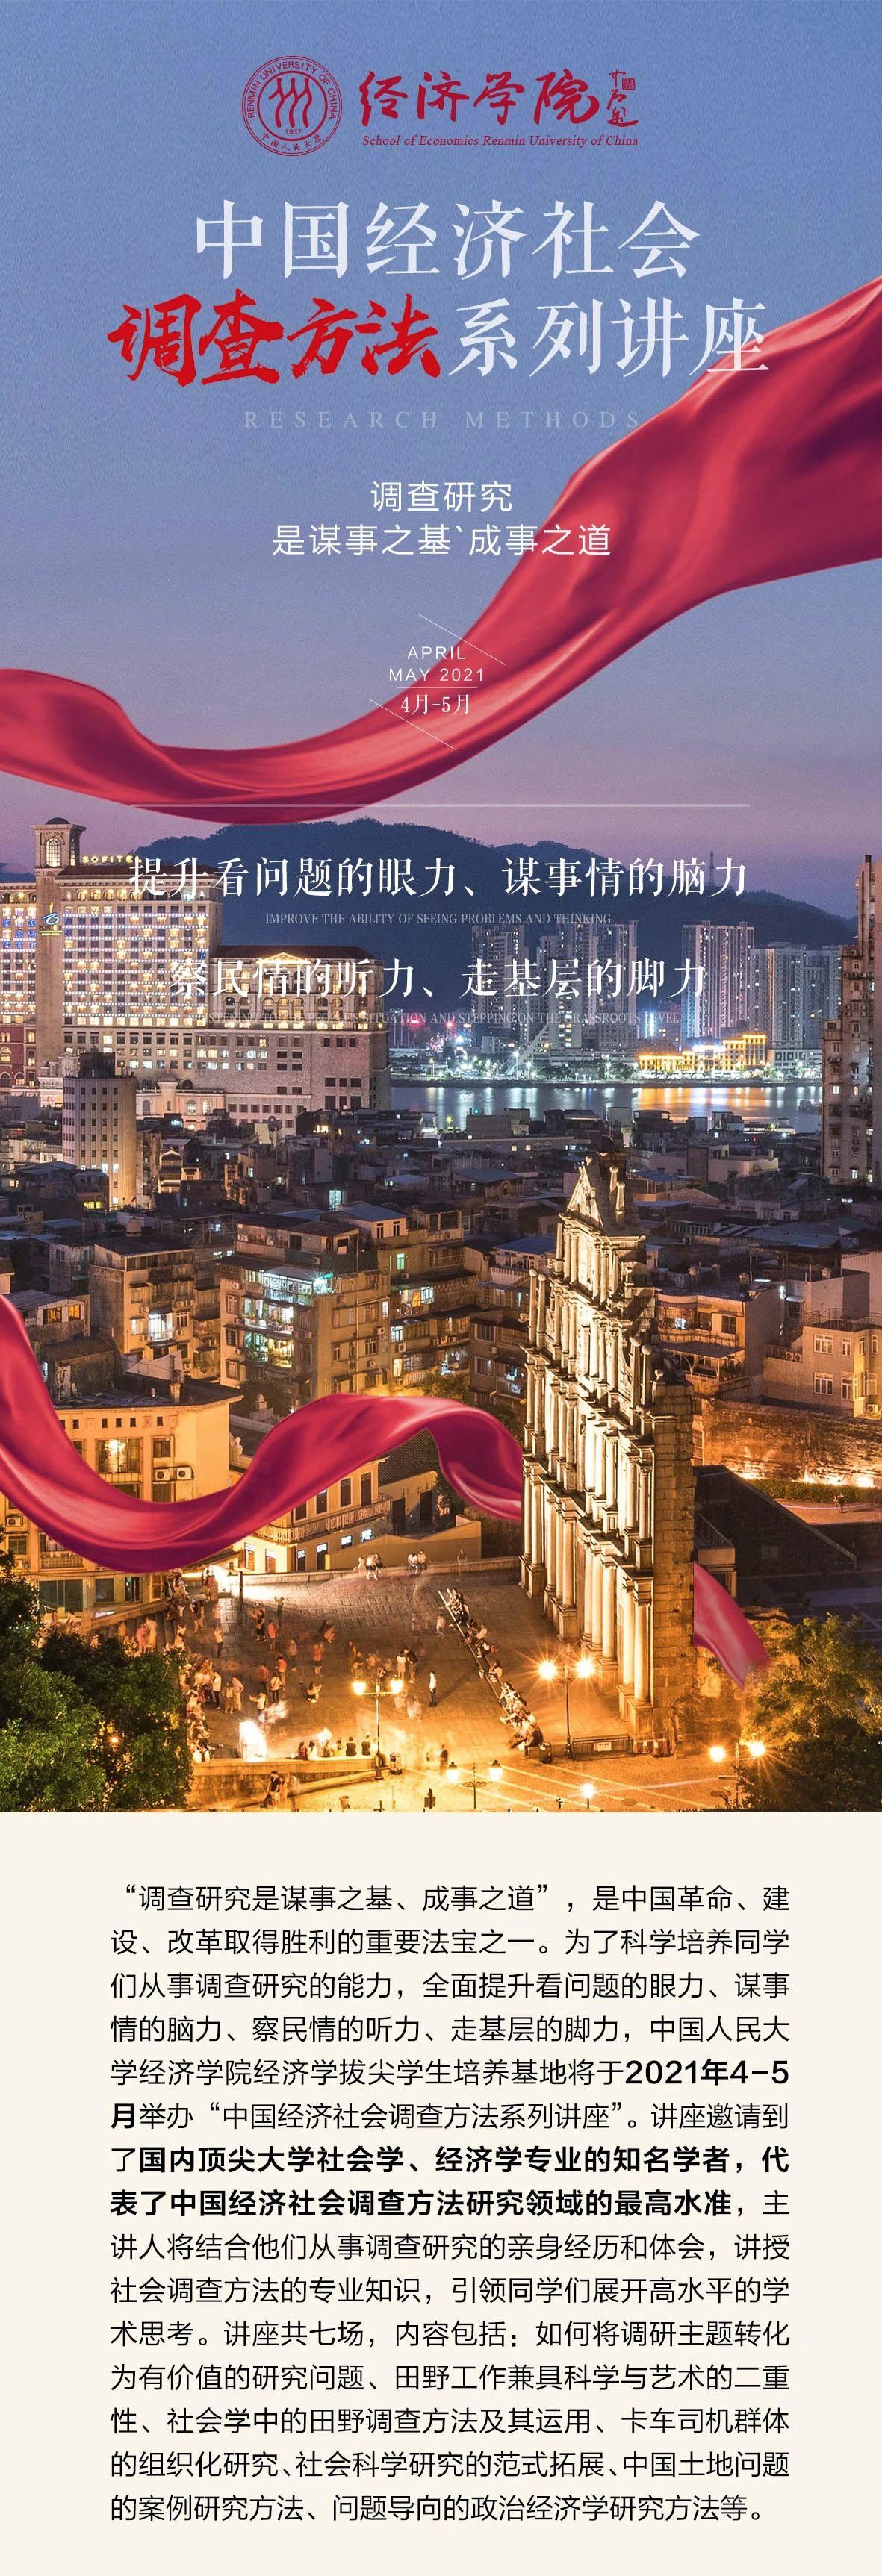 详情请关注中国人民大学经济学院微信公众号